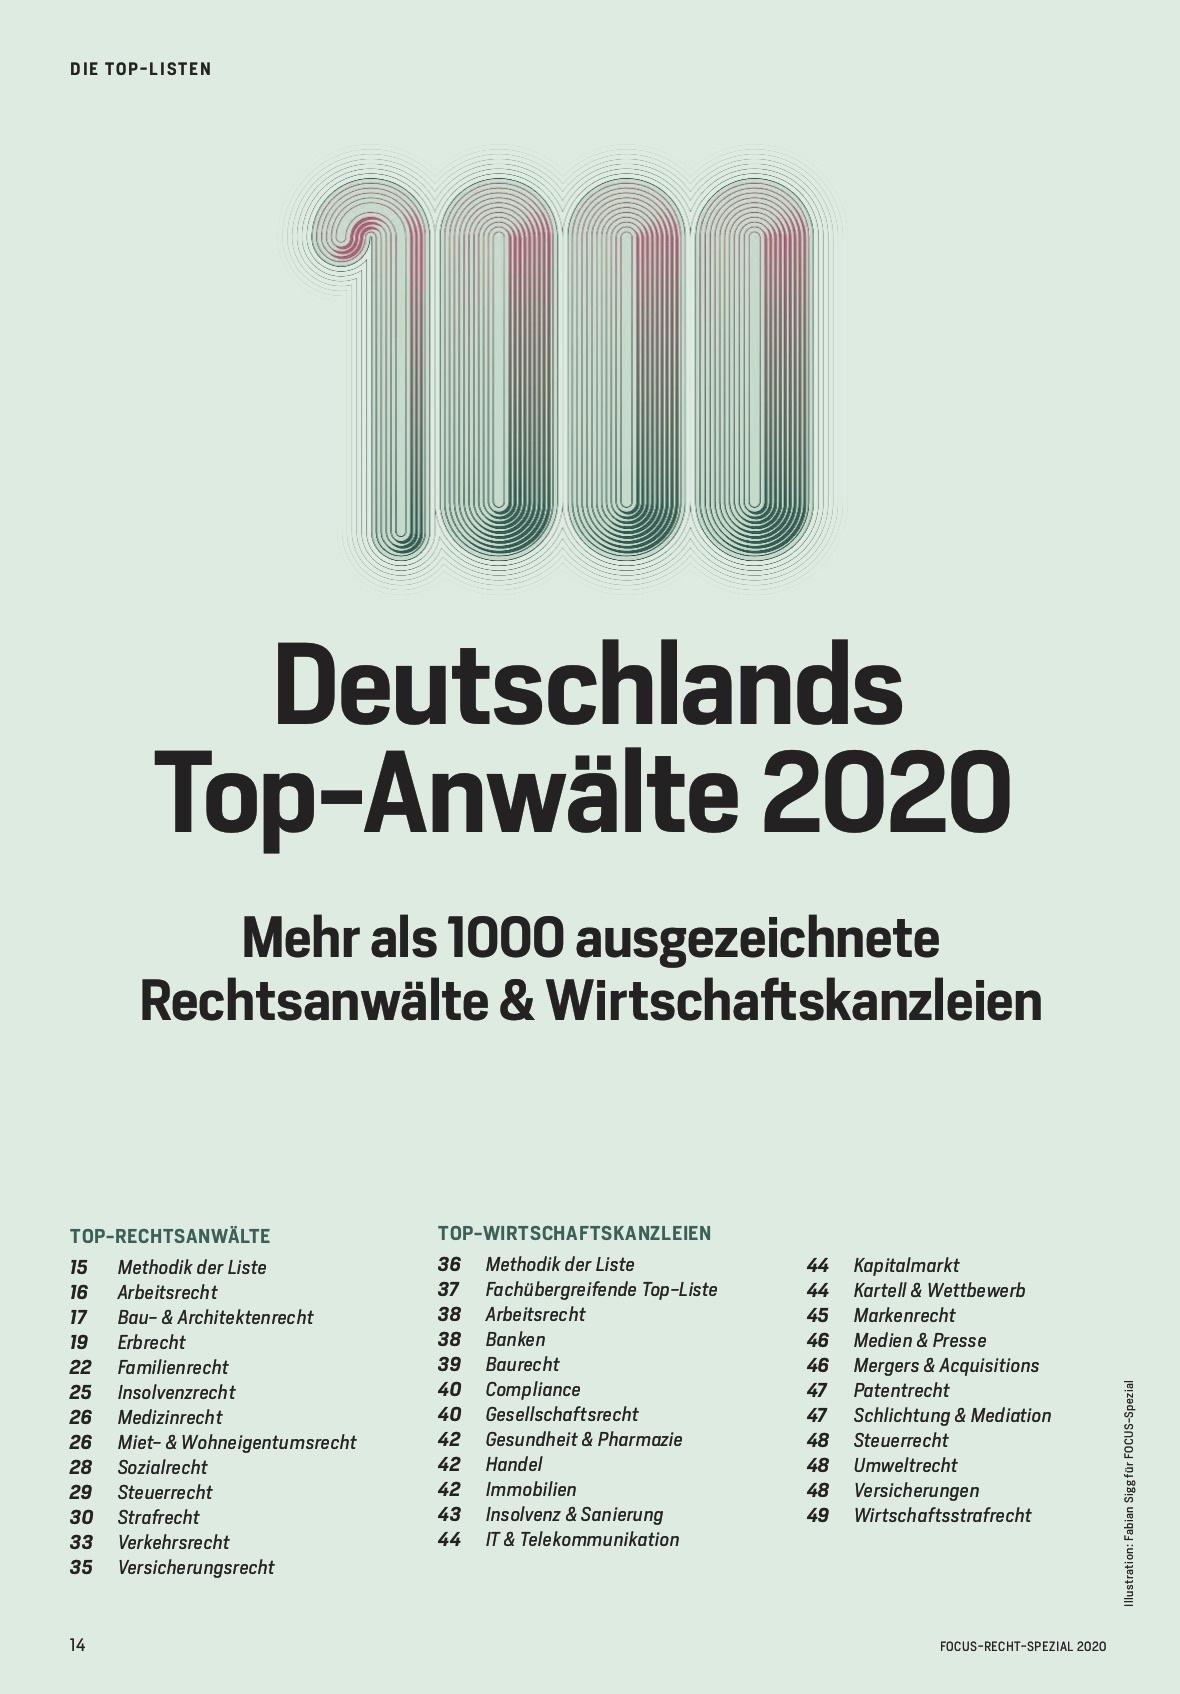 FOCUS SPEZIAL FOCUS Recht-Spezial 2020